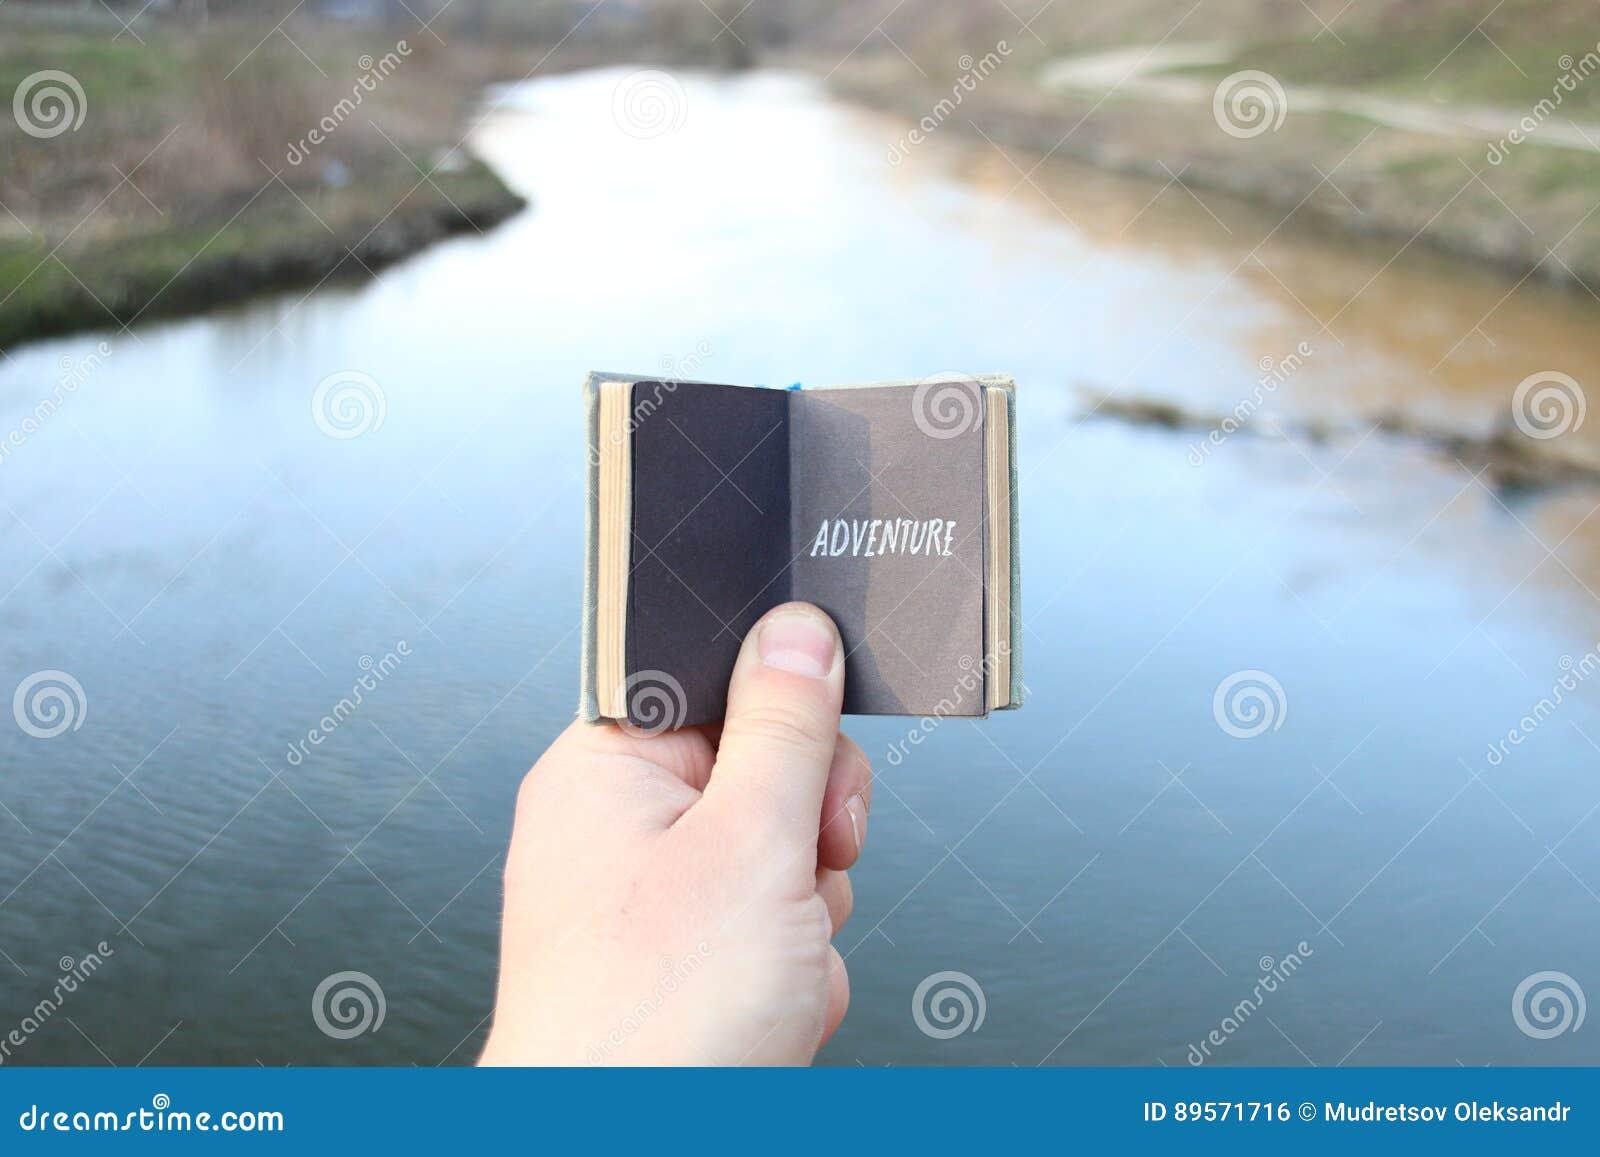 Η ιδέα περιπέτειας, ταξιδιώτης κρατά ένα βιβλίο με το κείμενο